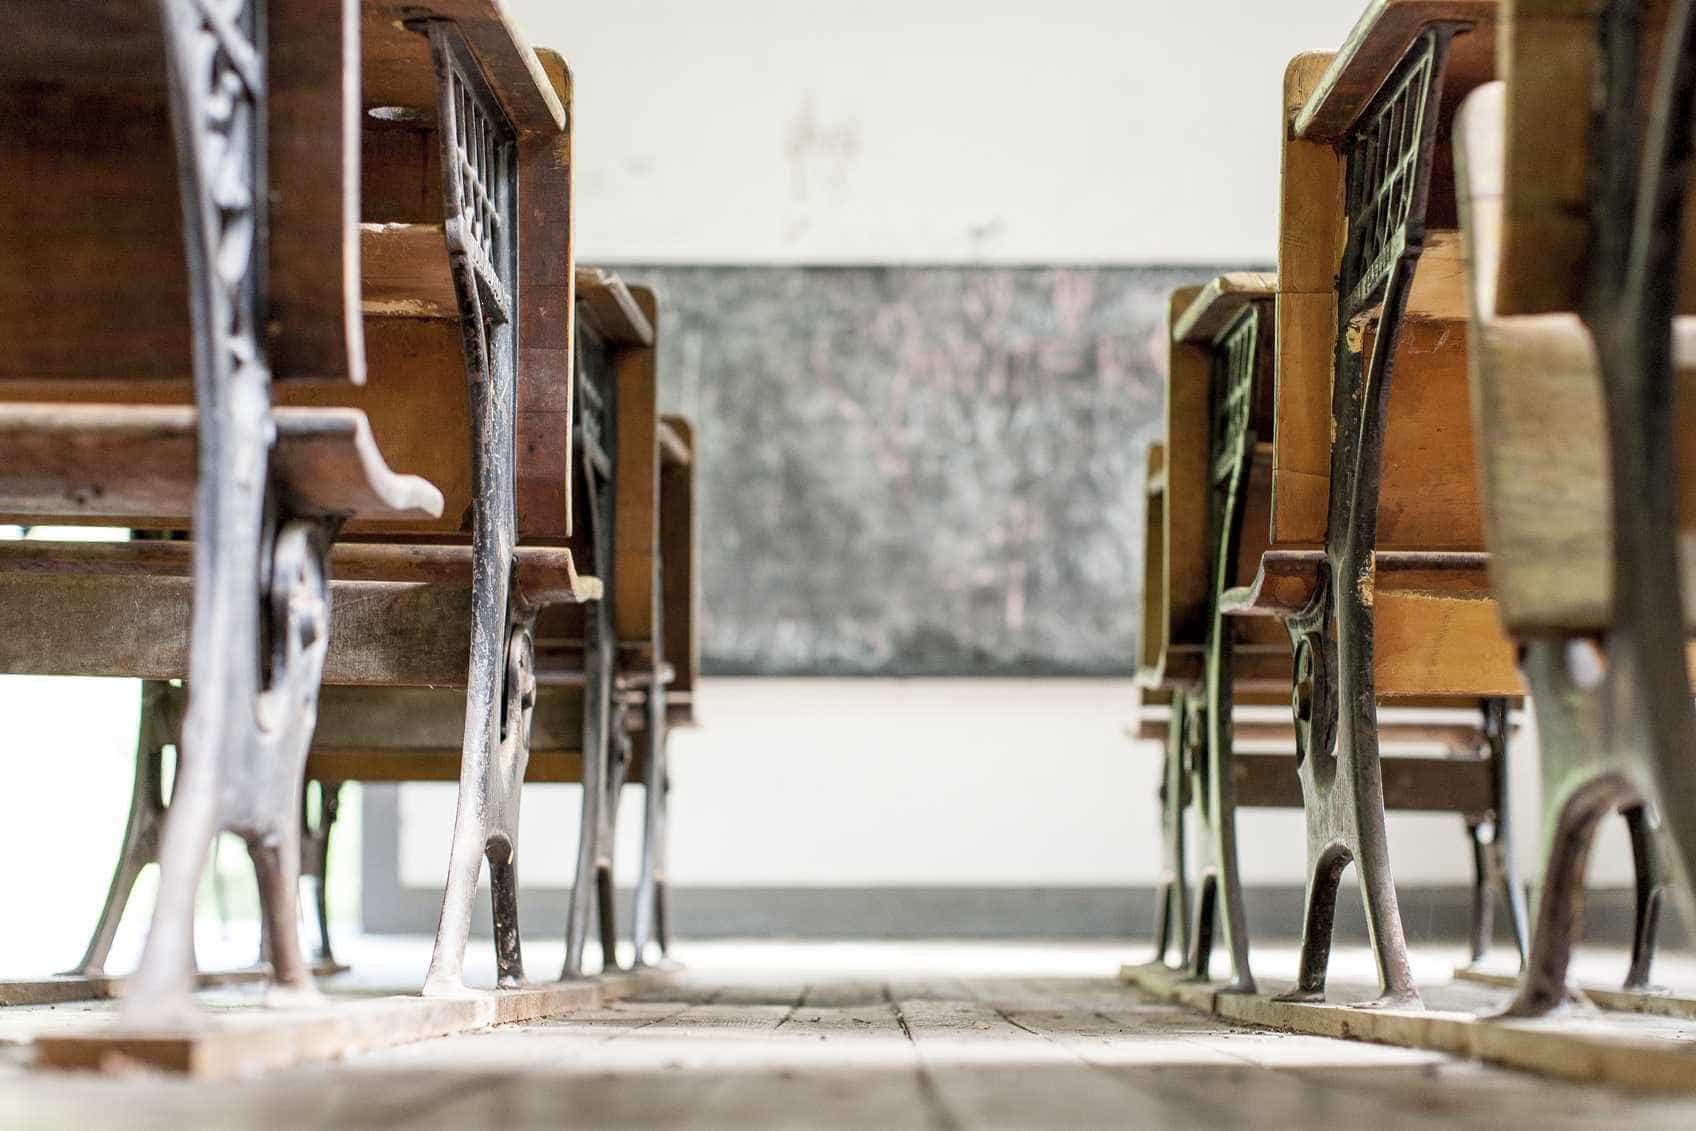 Nesta escola, os alunos não podem falar nos corredores